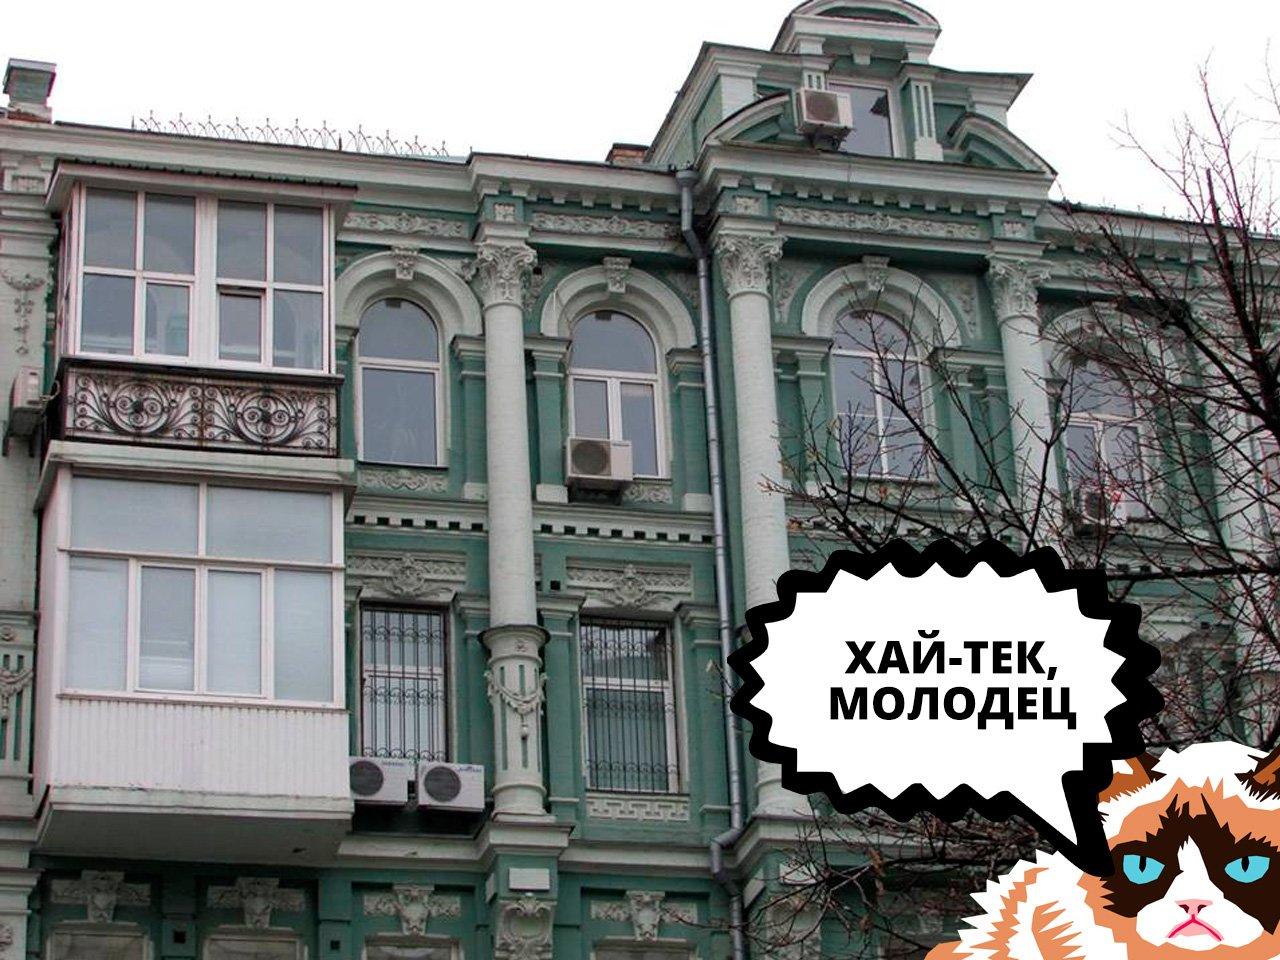 Царь-балконы наступают: как киевляне реагируют на эпидемию, фото-4